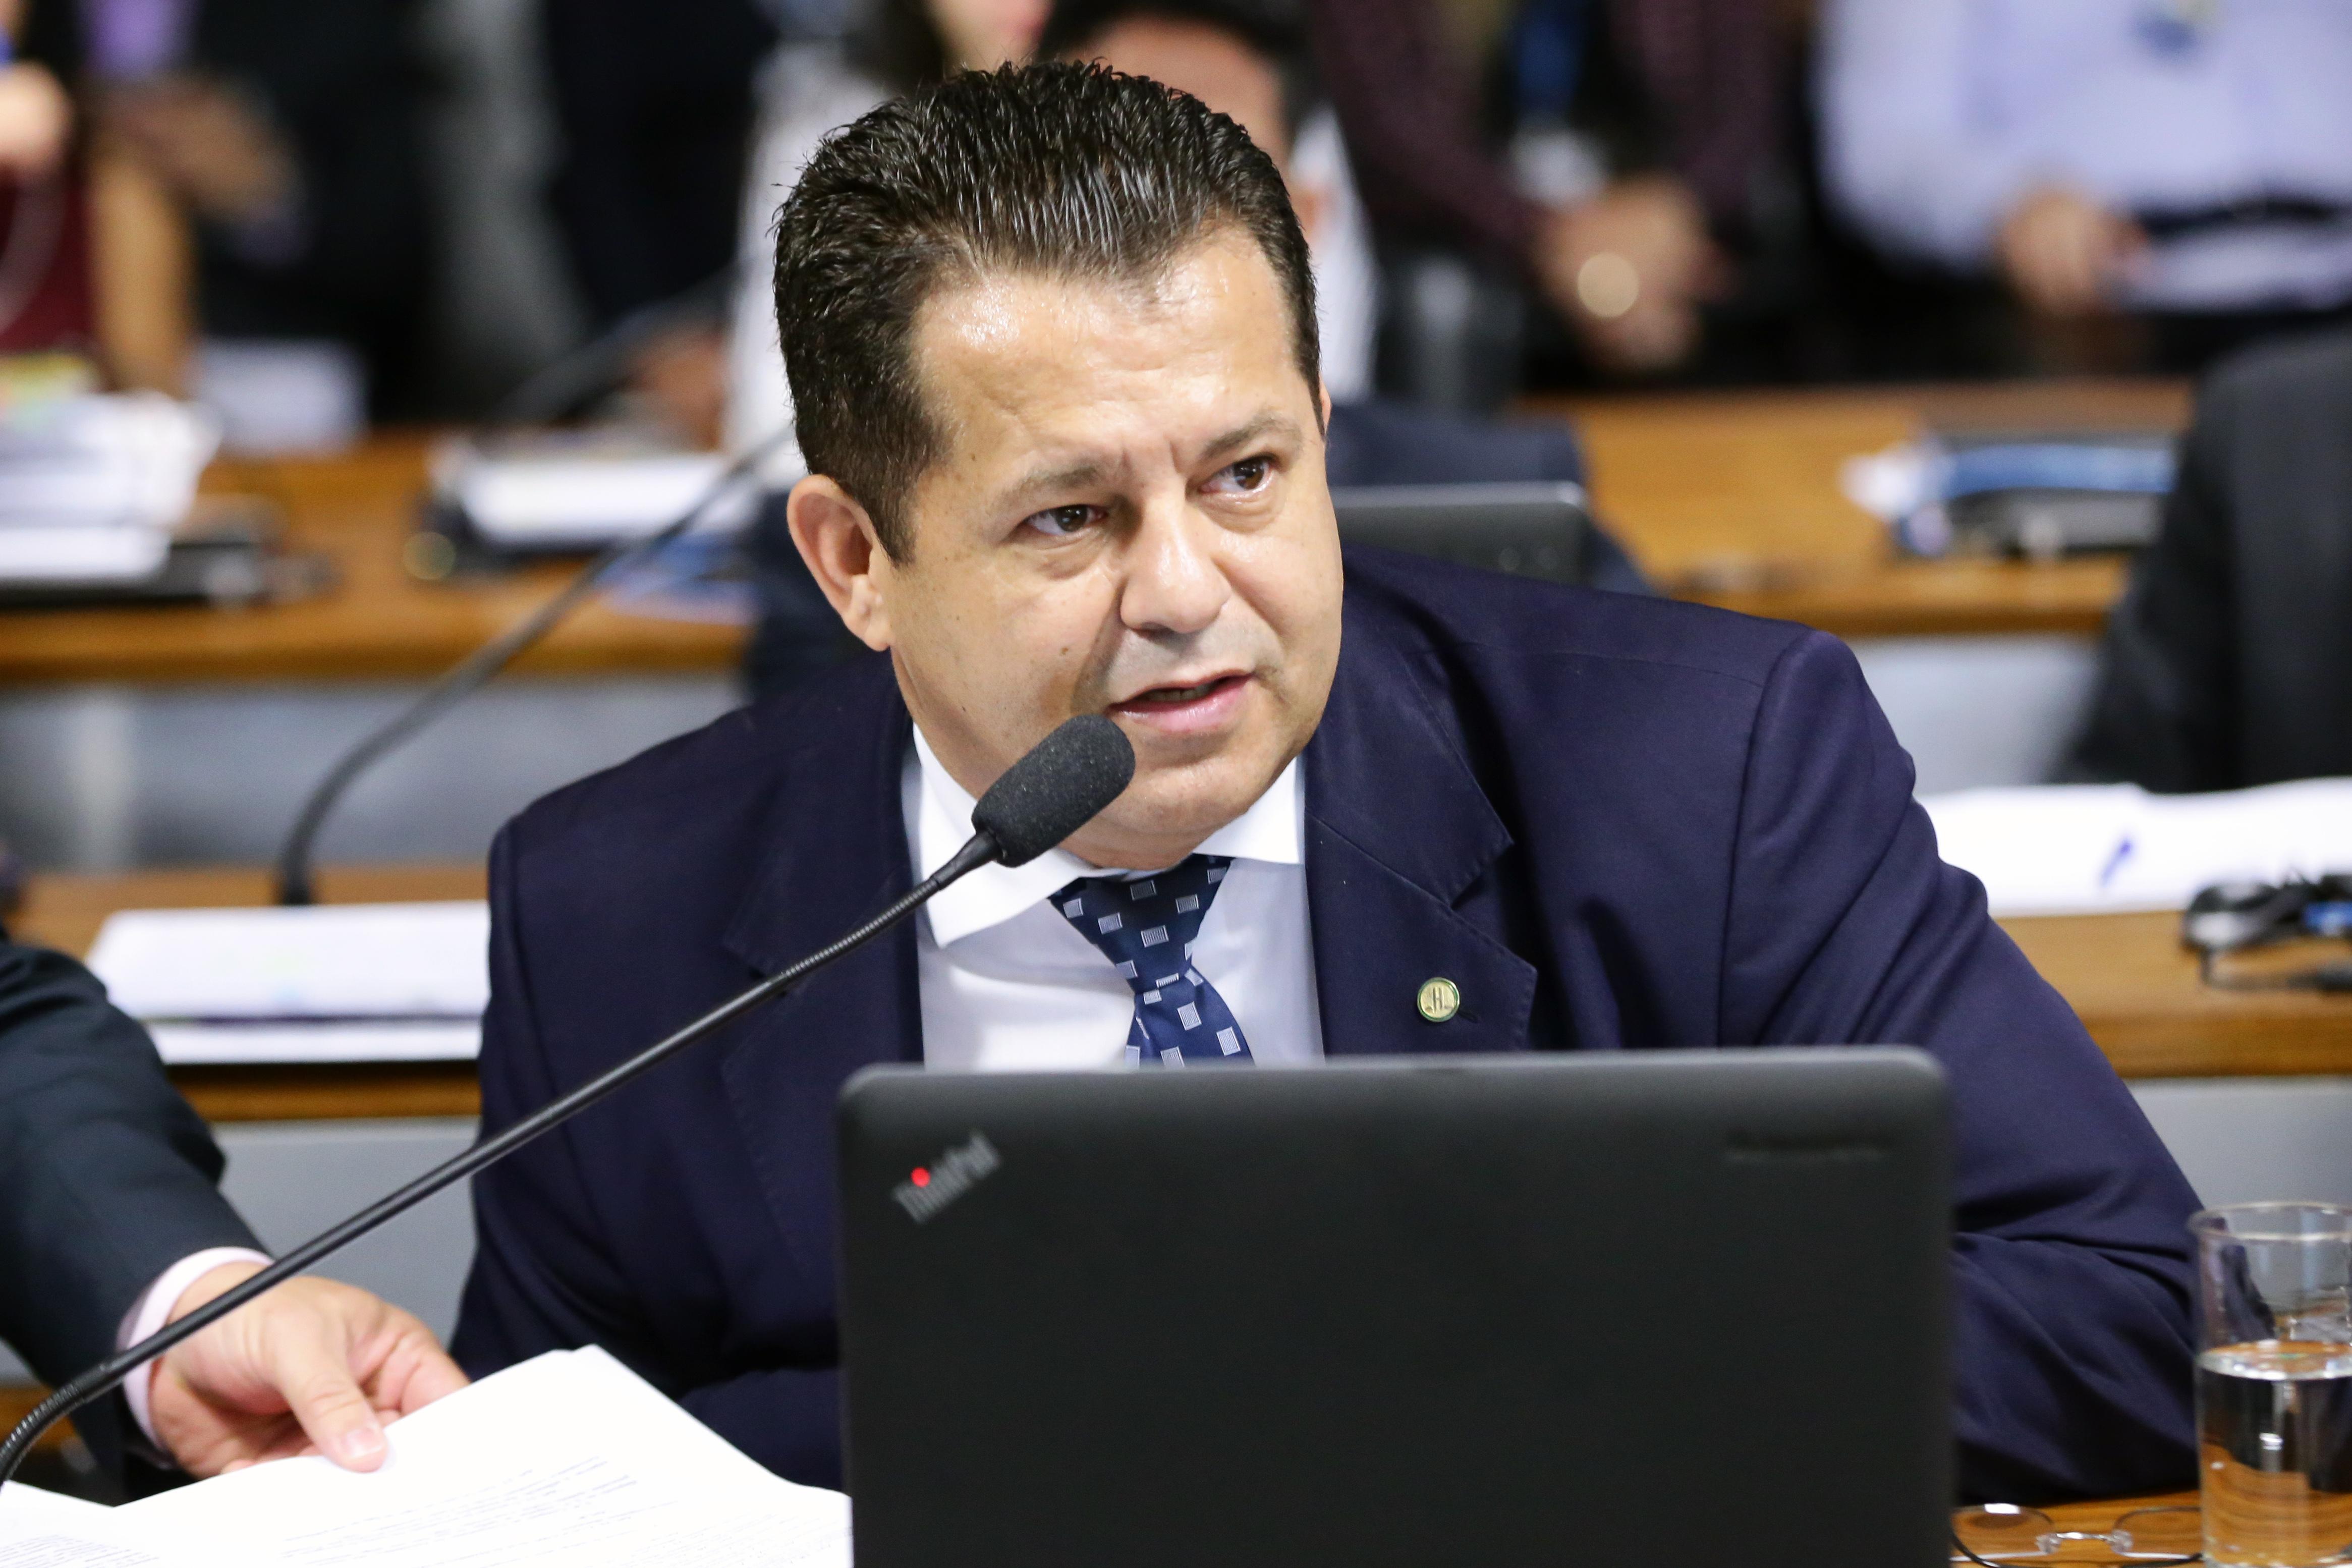 Comissão Mista sobre a MP 866/18, que divide as atribuições da Empresa Brasileira de Infraestrutura Aeroportuária (Infraero) para criar a NAV Brasil. Dep. Valtenir Pereira (MDB - MT)